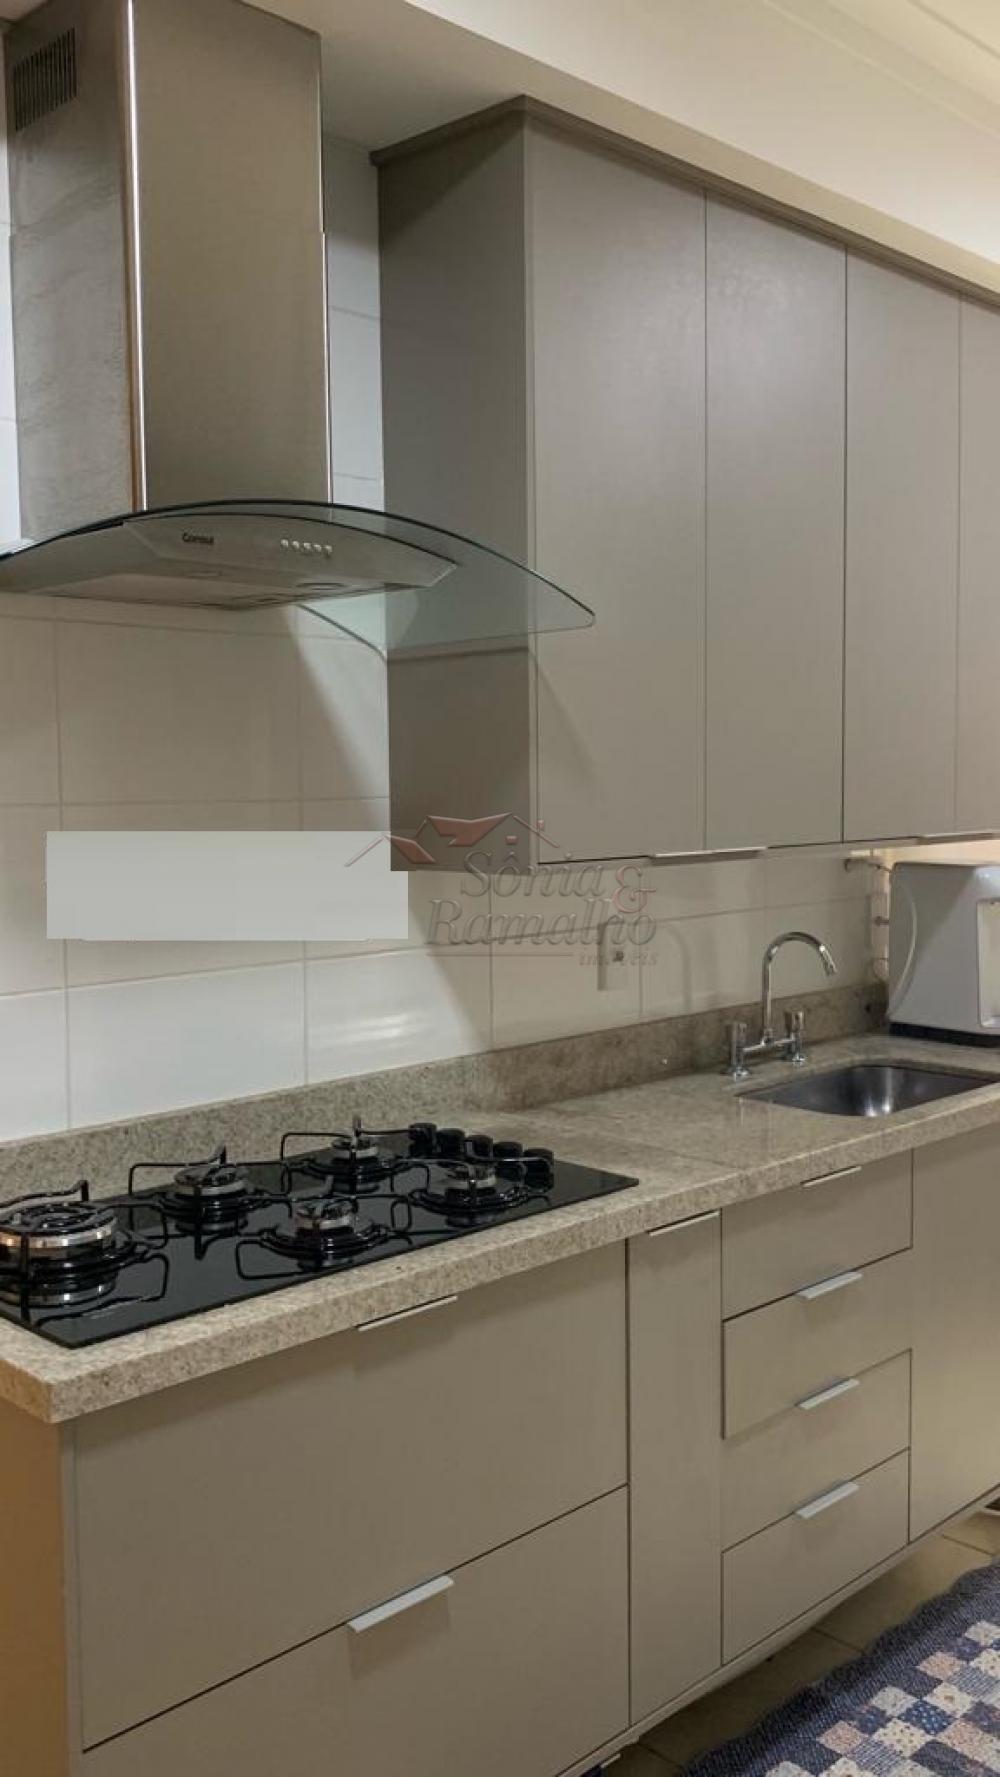 Comprar Apartamentos / Padrão em Ribeirão Preto apenas R$ 660.000,00 - Foto 19